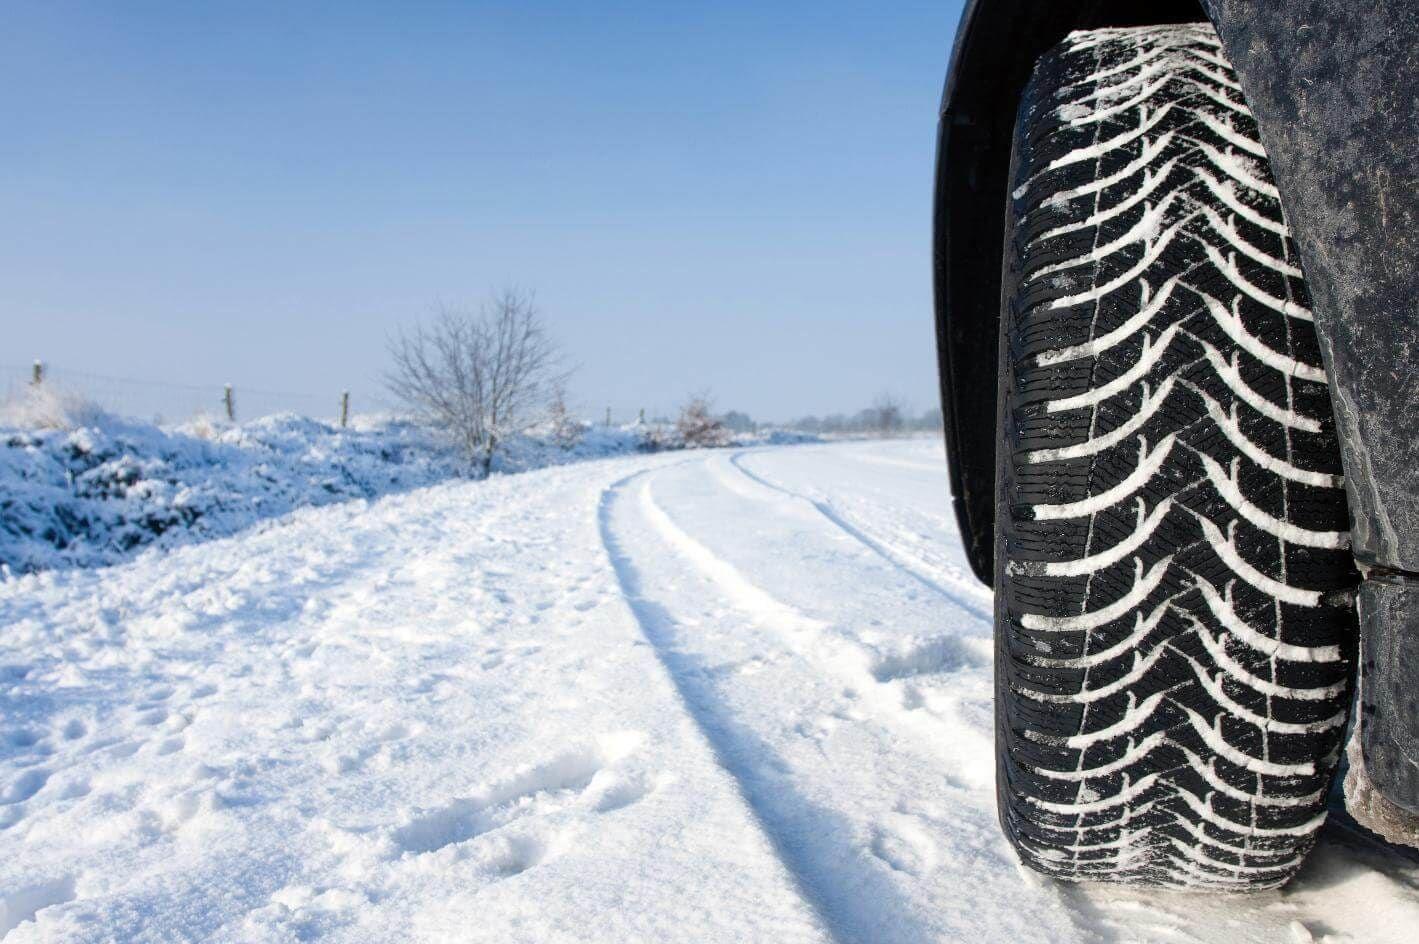 Araçlara Hangi Kış Lastiği Takılmalı Kış Lastiği Kuralları Nelerdir?